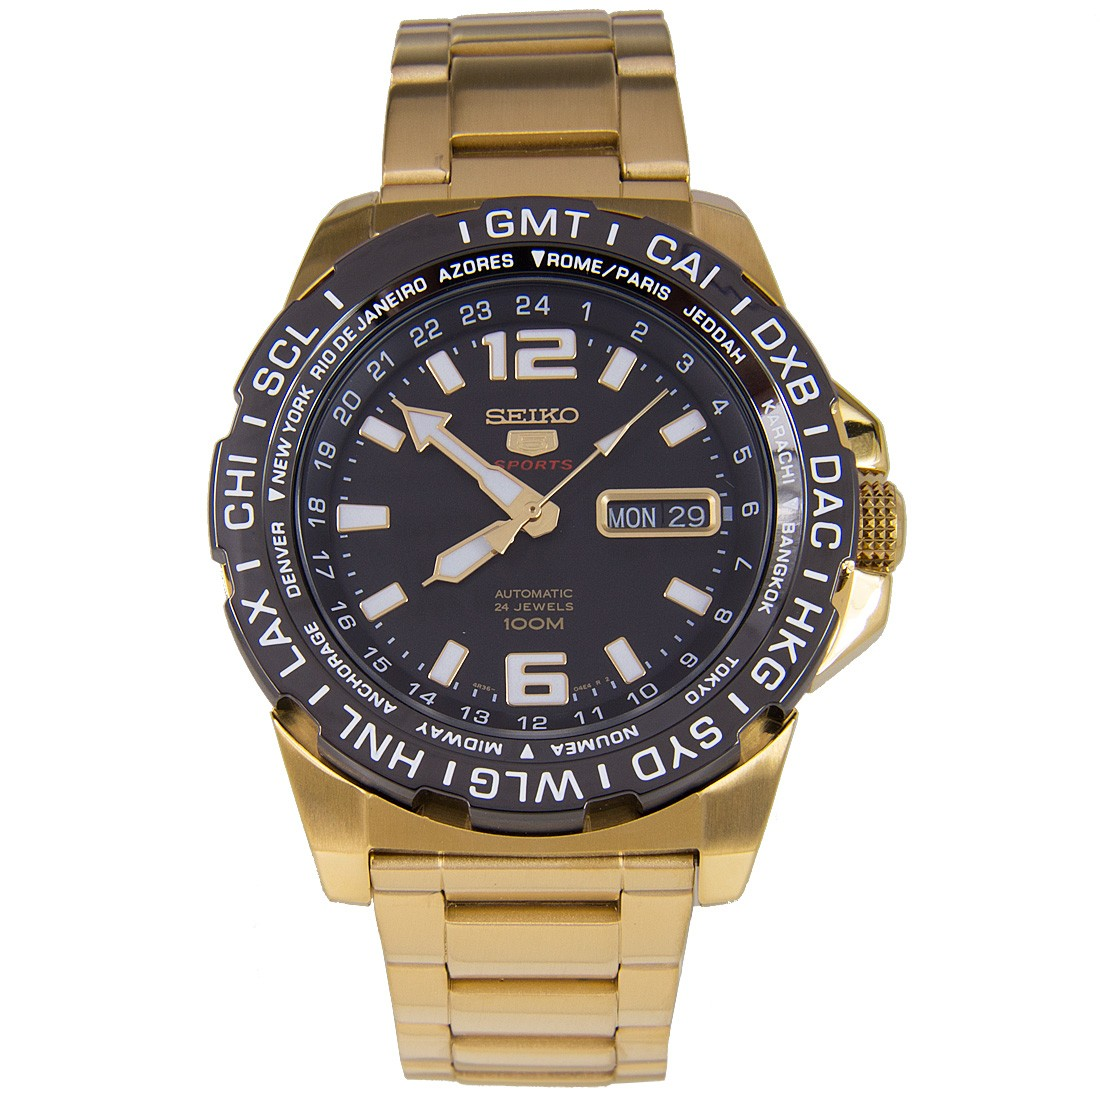 นาฬิกาผู้ชาย Seiko 5 Sports รุ่น SRP690K1 Automatic Men's Watch